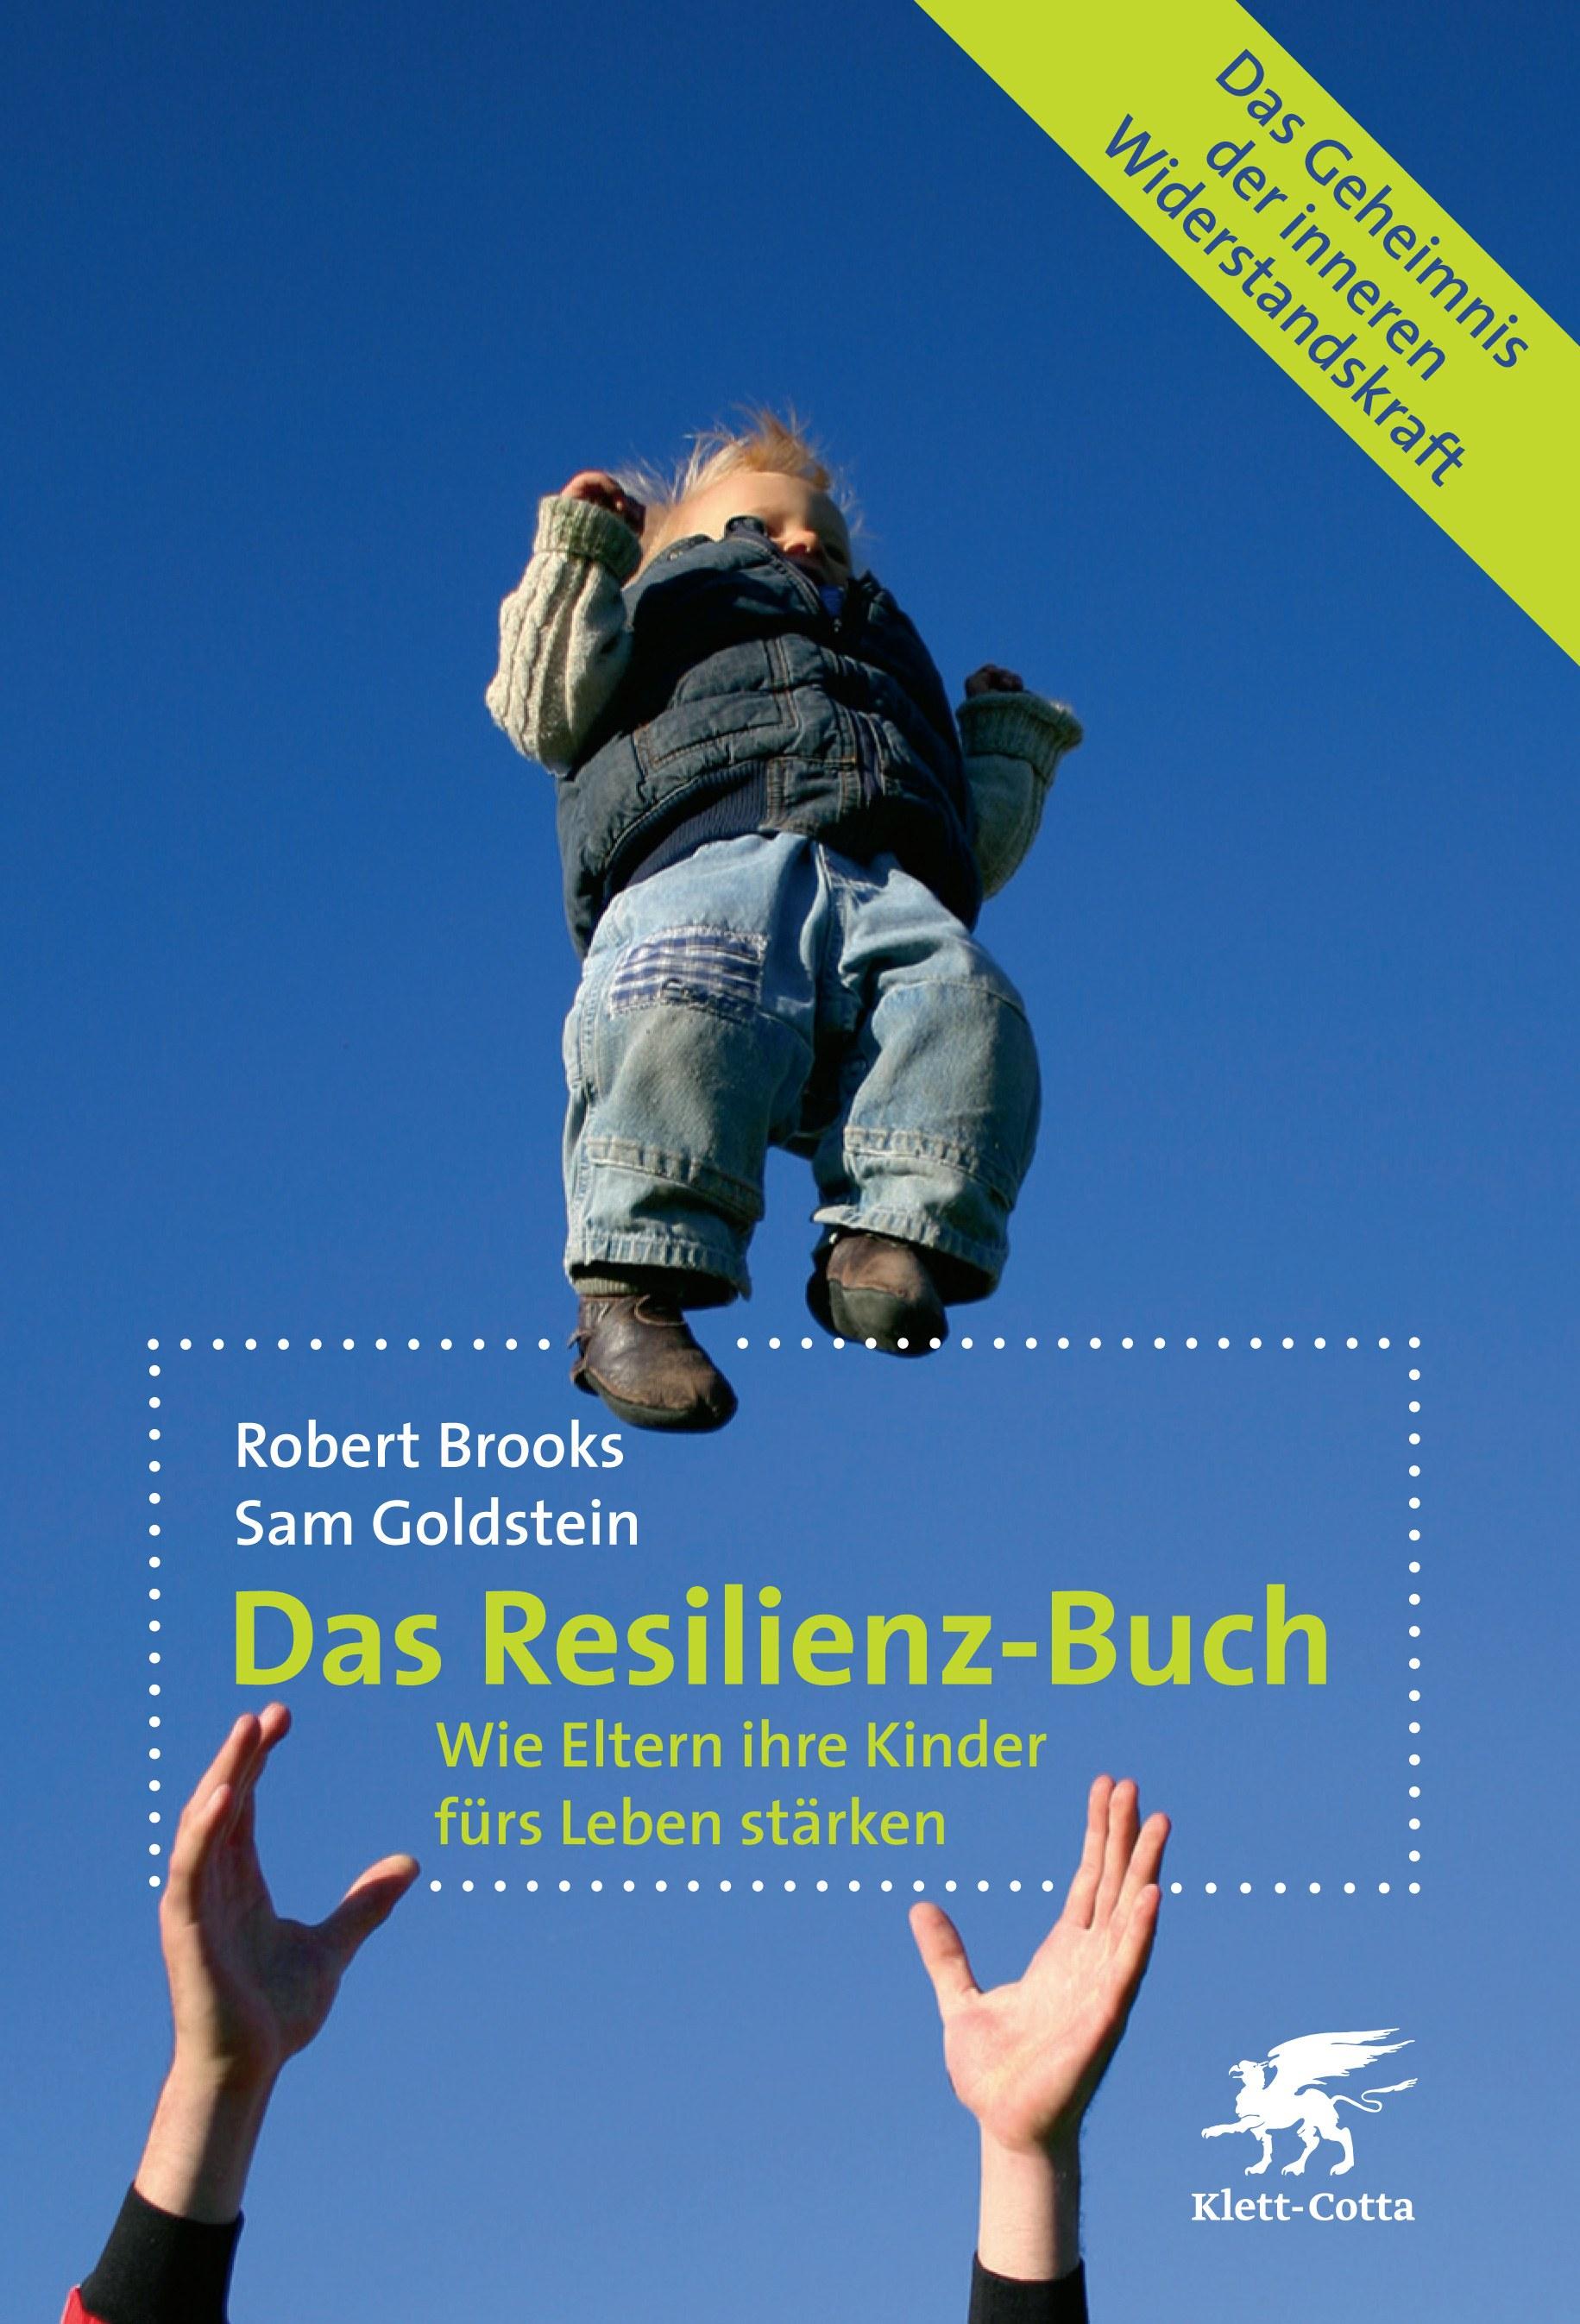 Das Resilienz-Buch. Wie Eltern ihre Kinder fürs Leben stärken - Robert Brooks